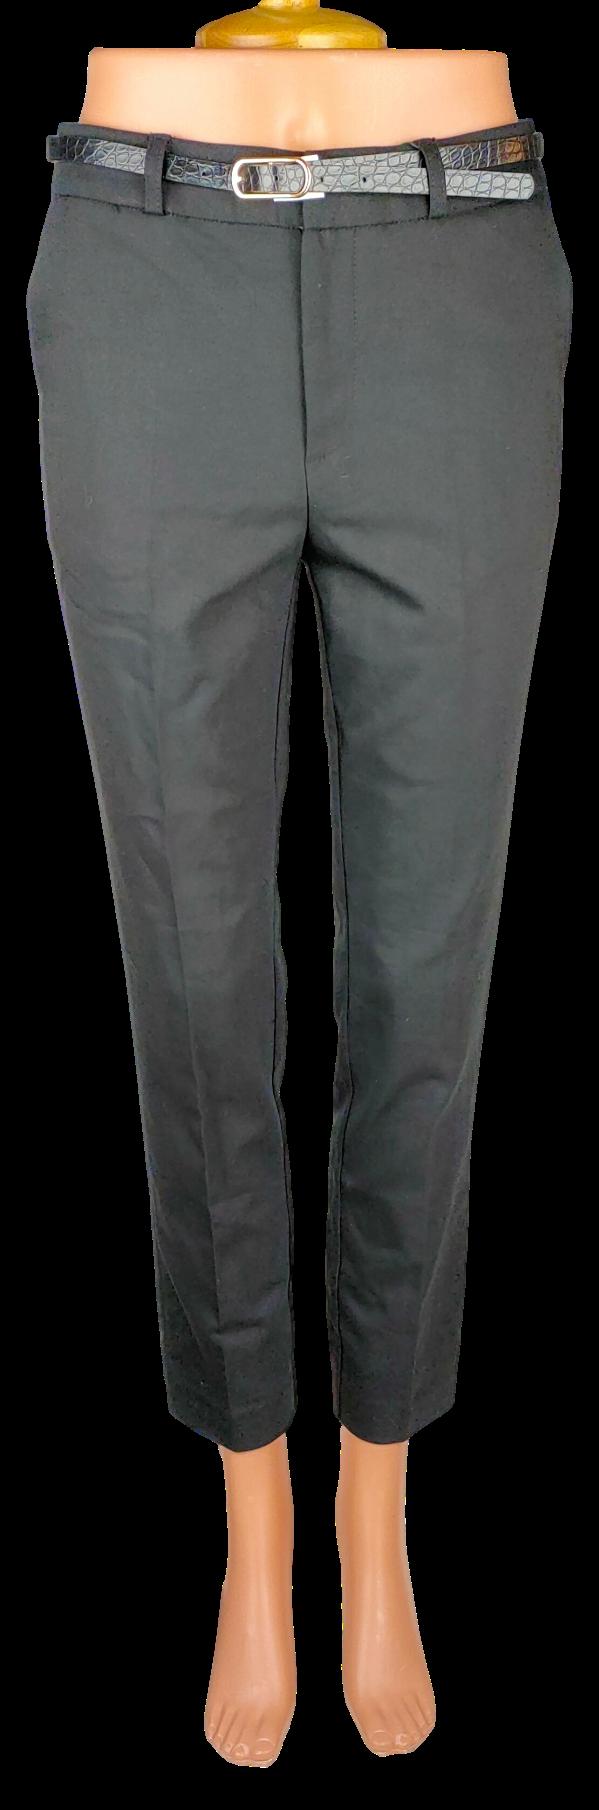 Pantalon Stradivarius - Taille 34